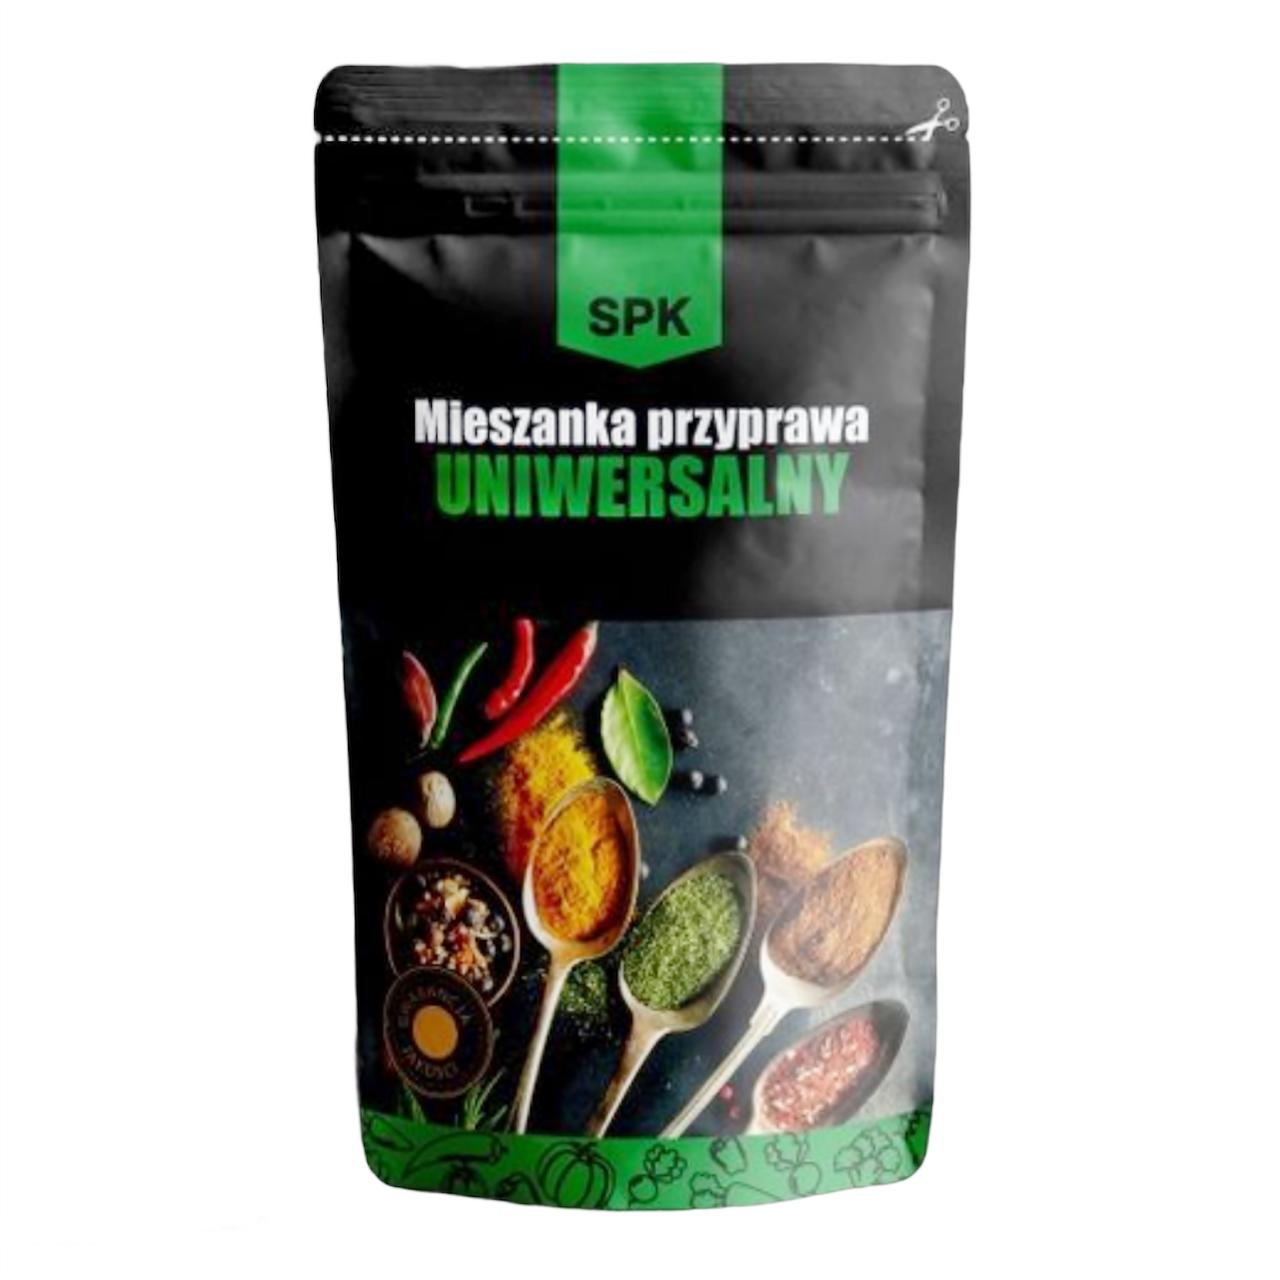 Універсальна приправа SPK Mieszanka Przyprawa Uniwersalny 50 г.